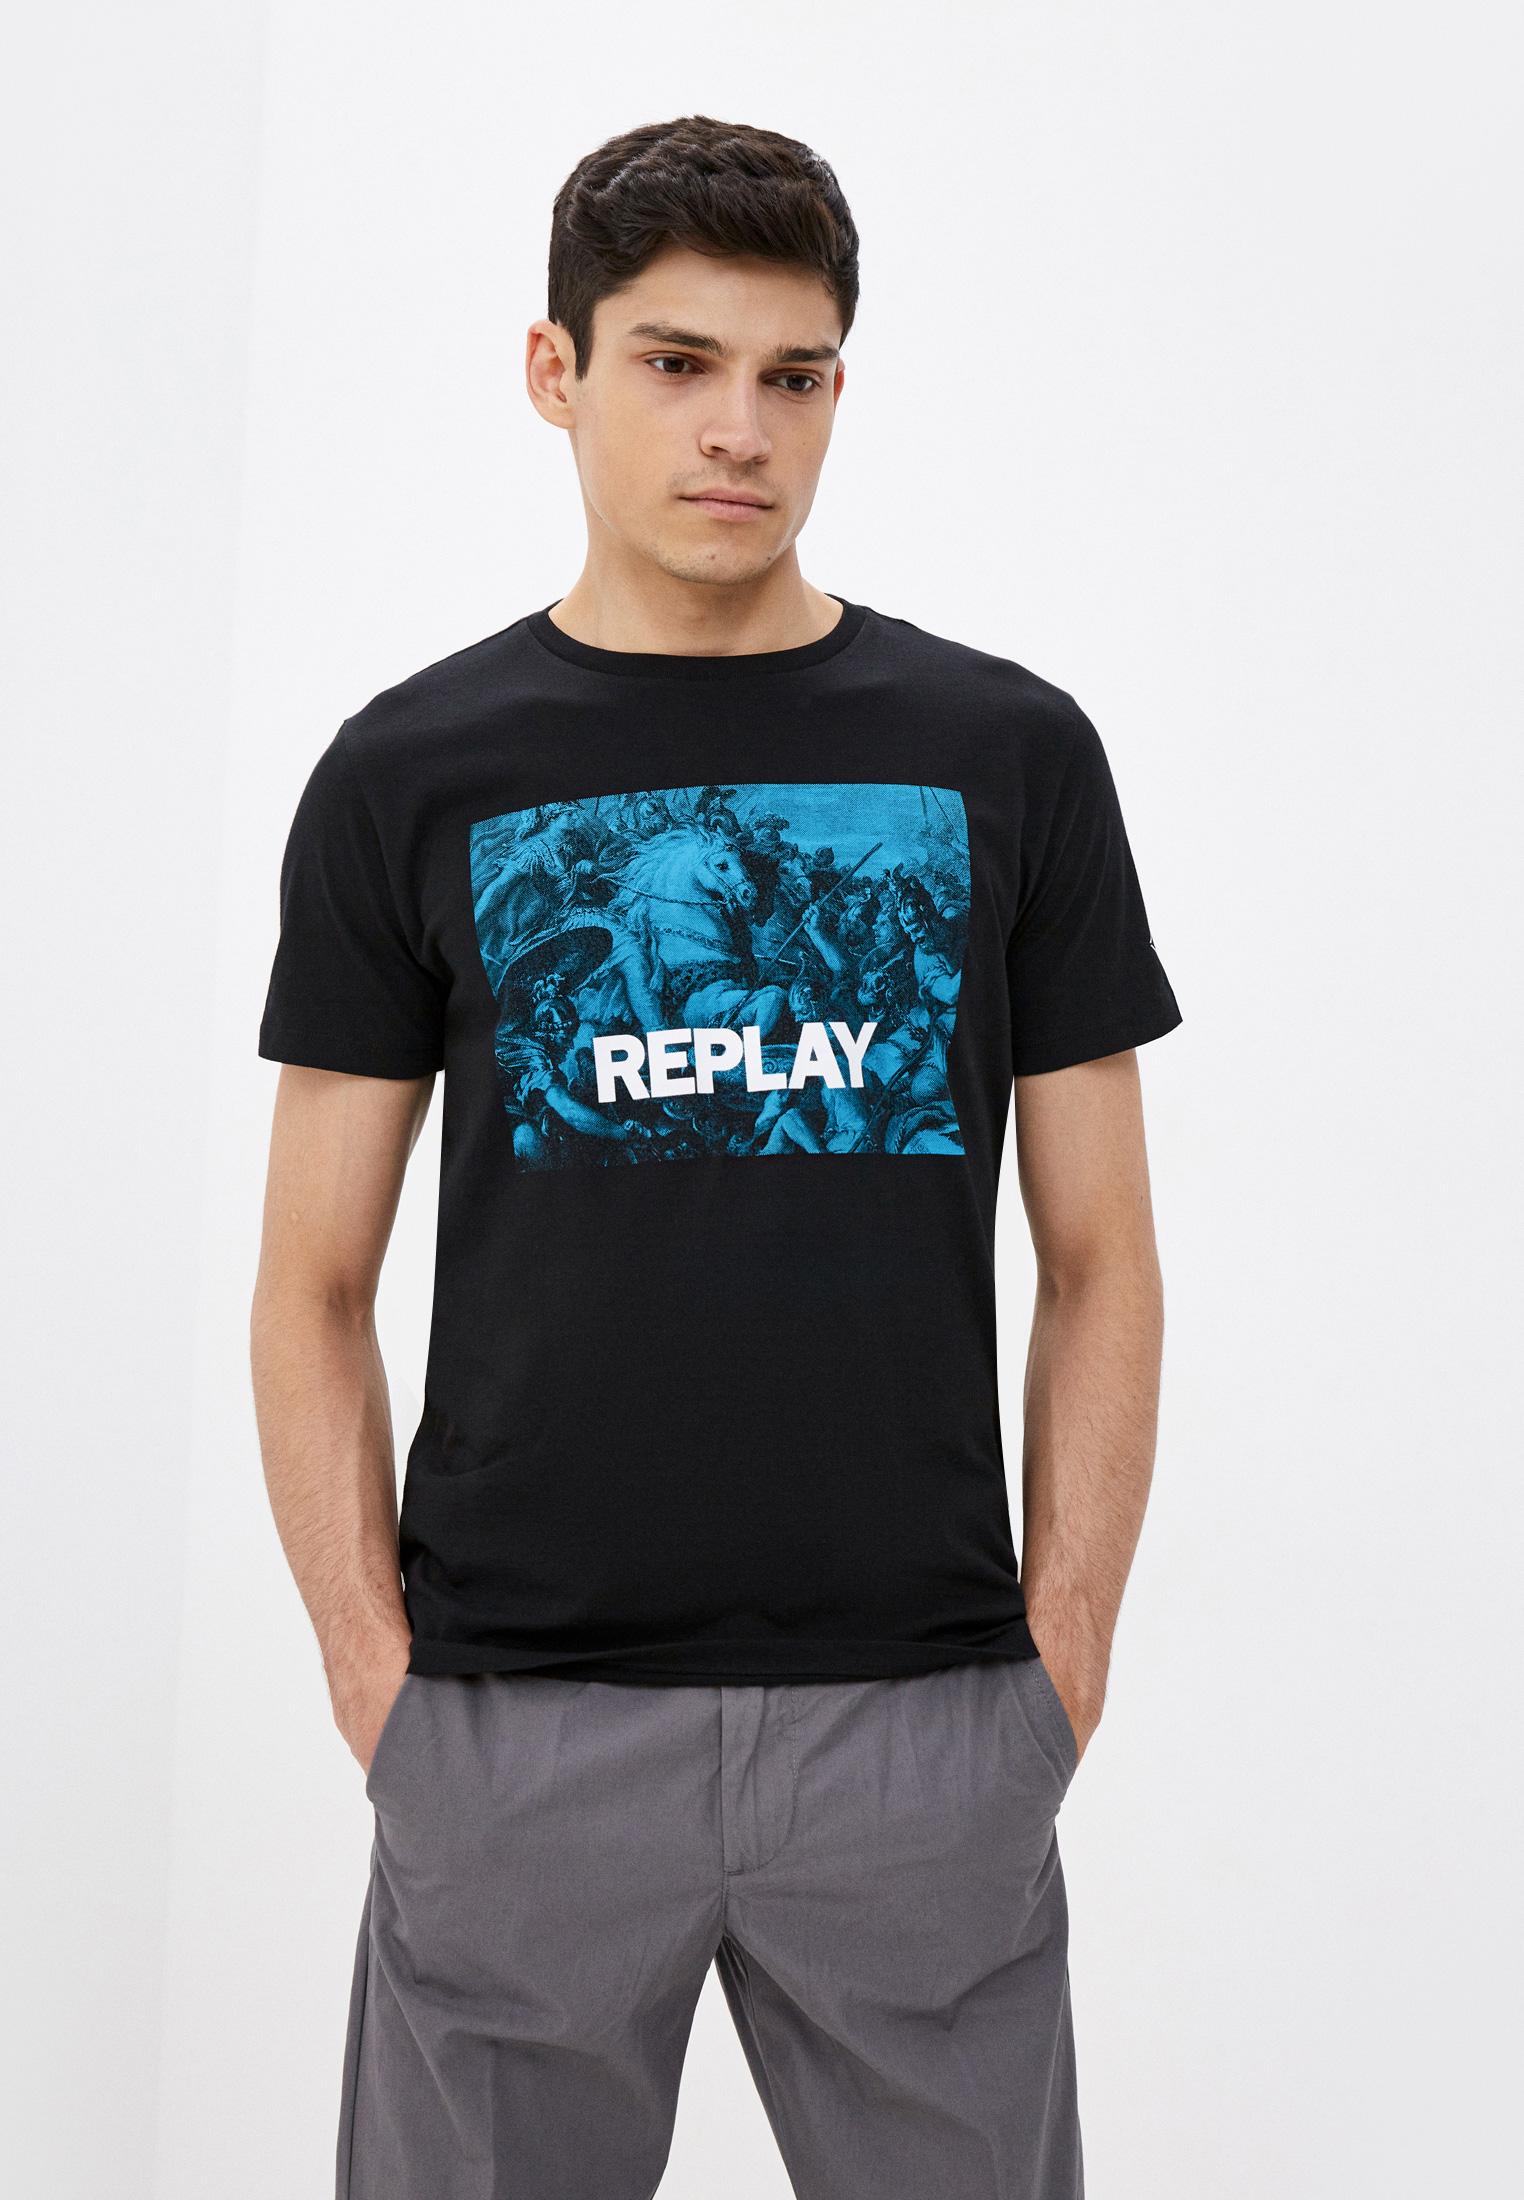 Футболка с коротким рукавом Replay (Реплей) M3412.000.2660